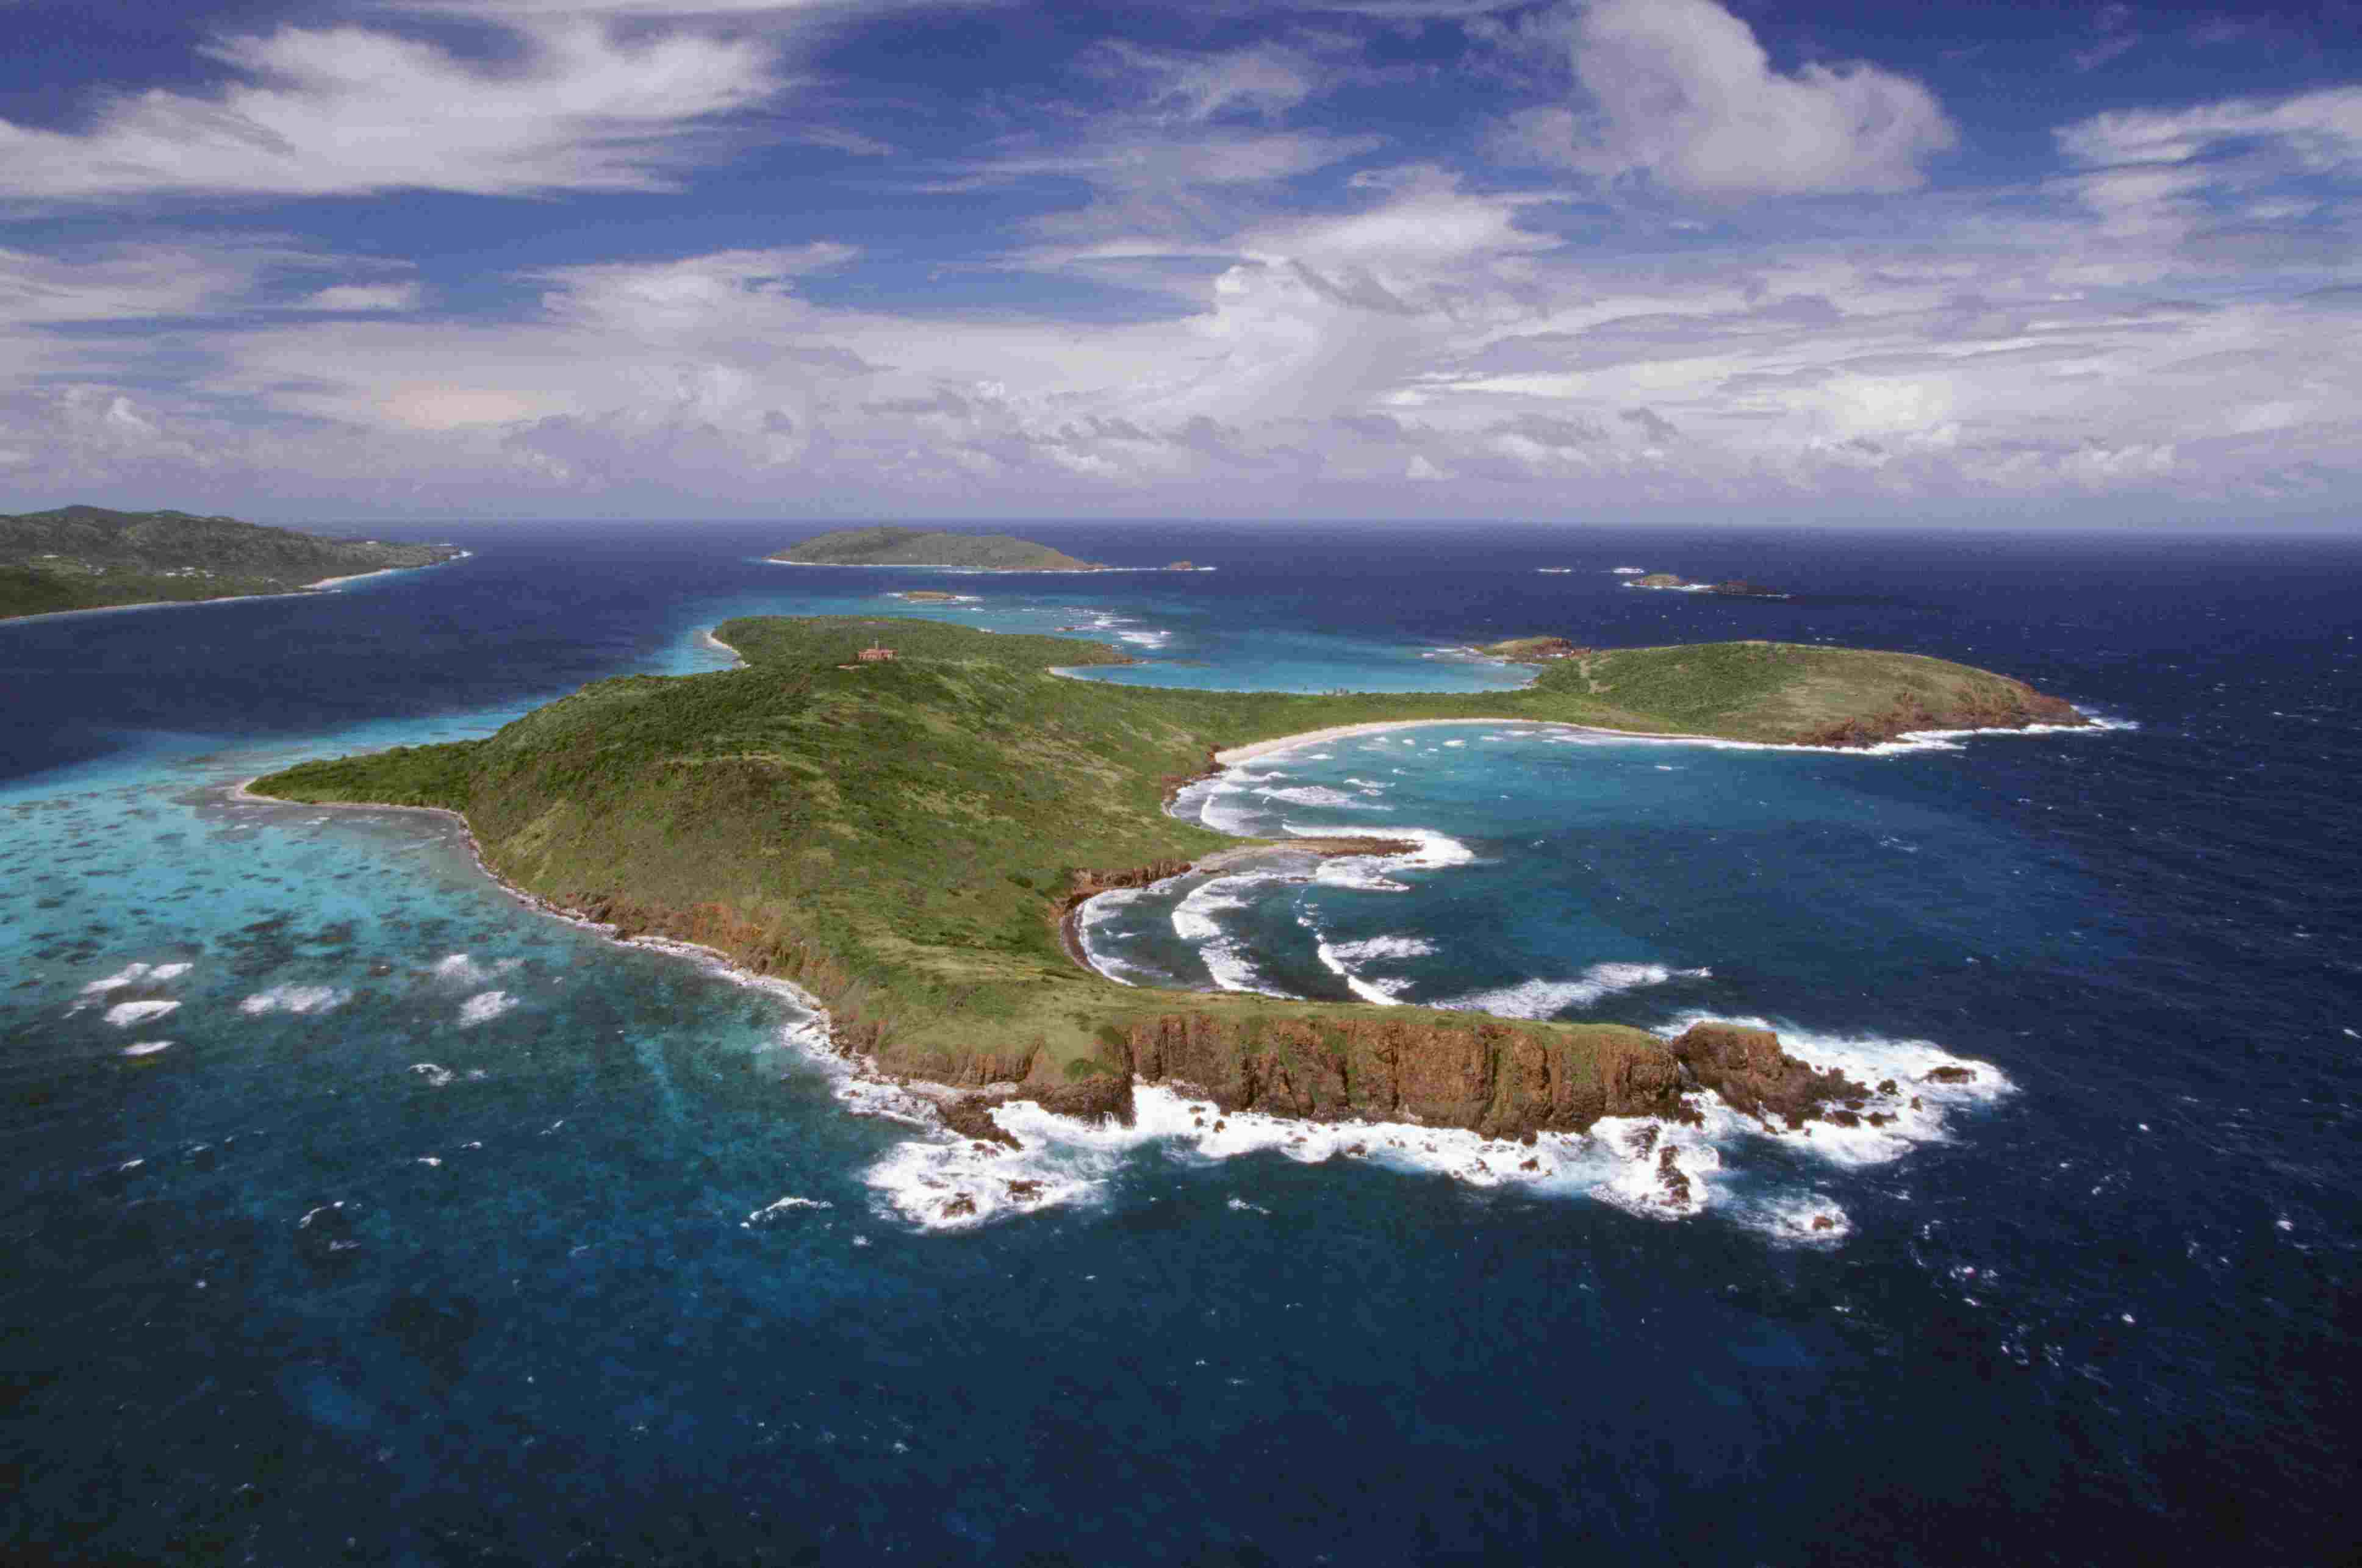 Island of Culebrita